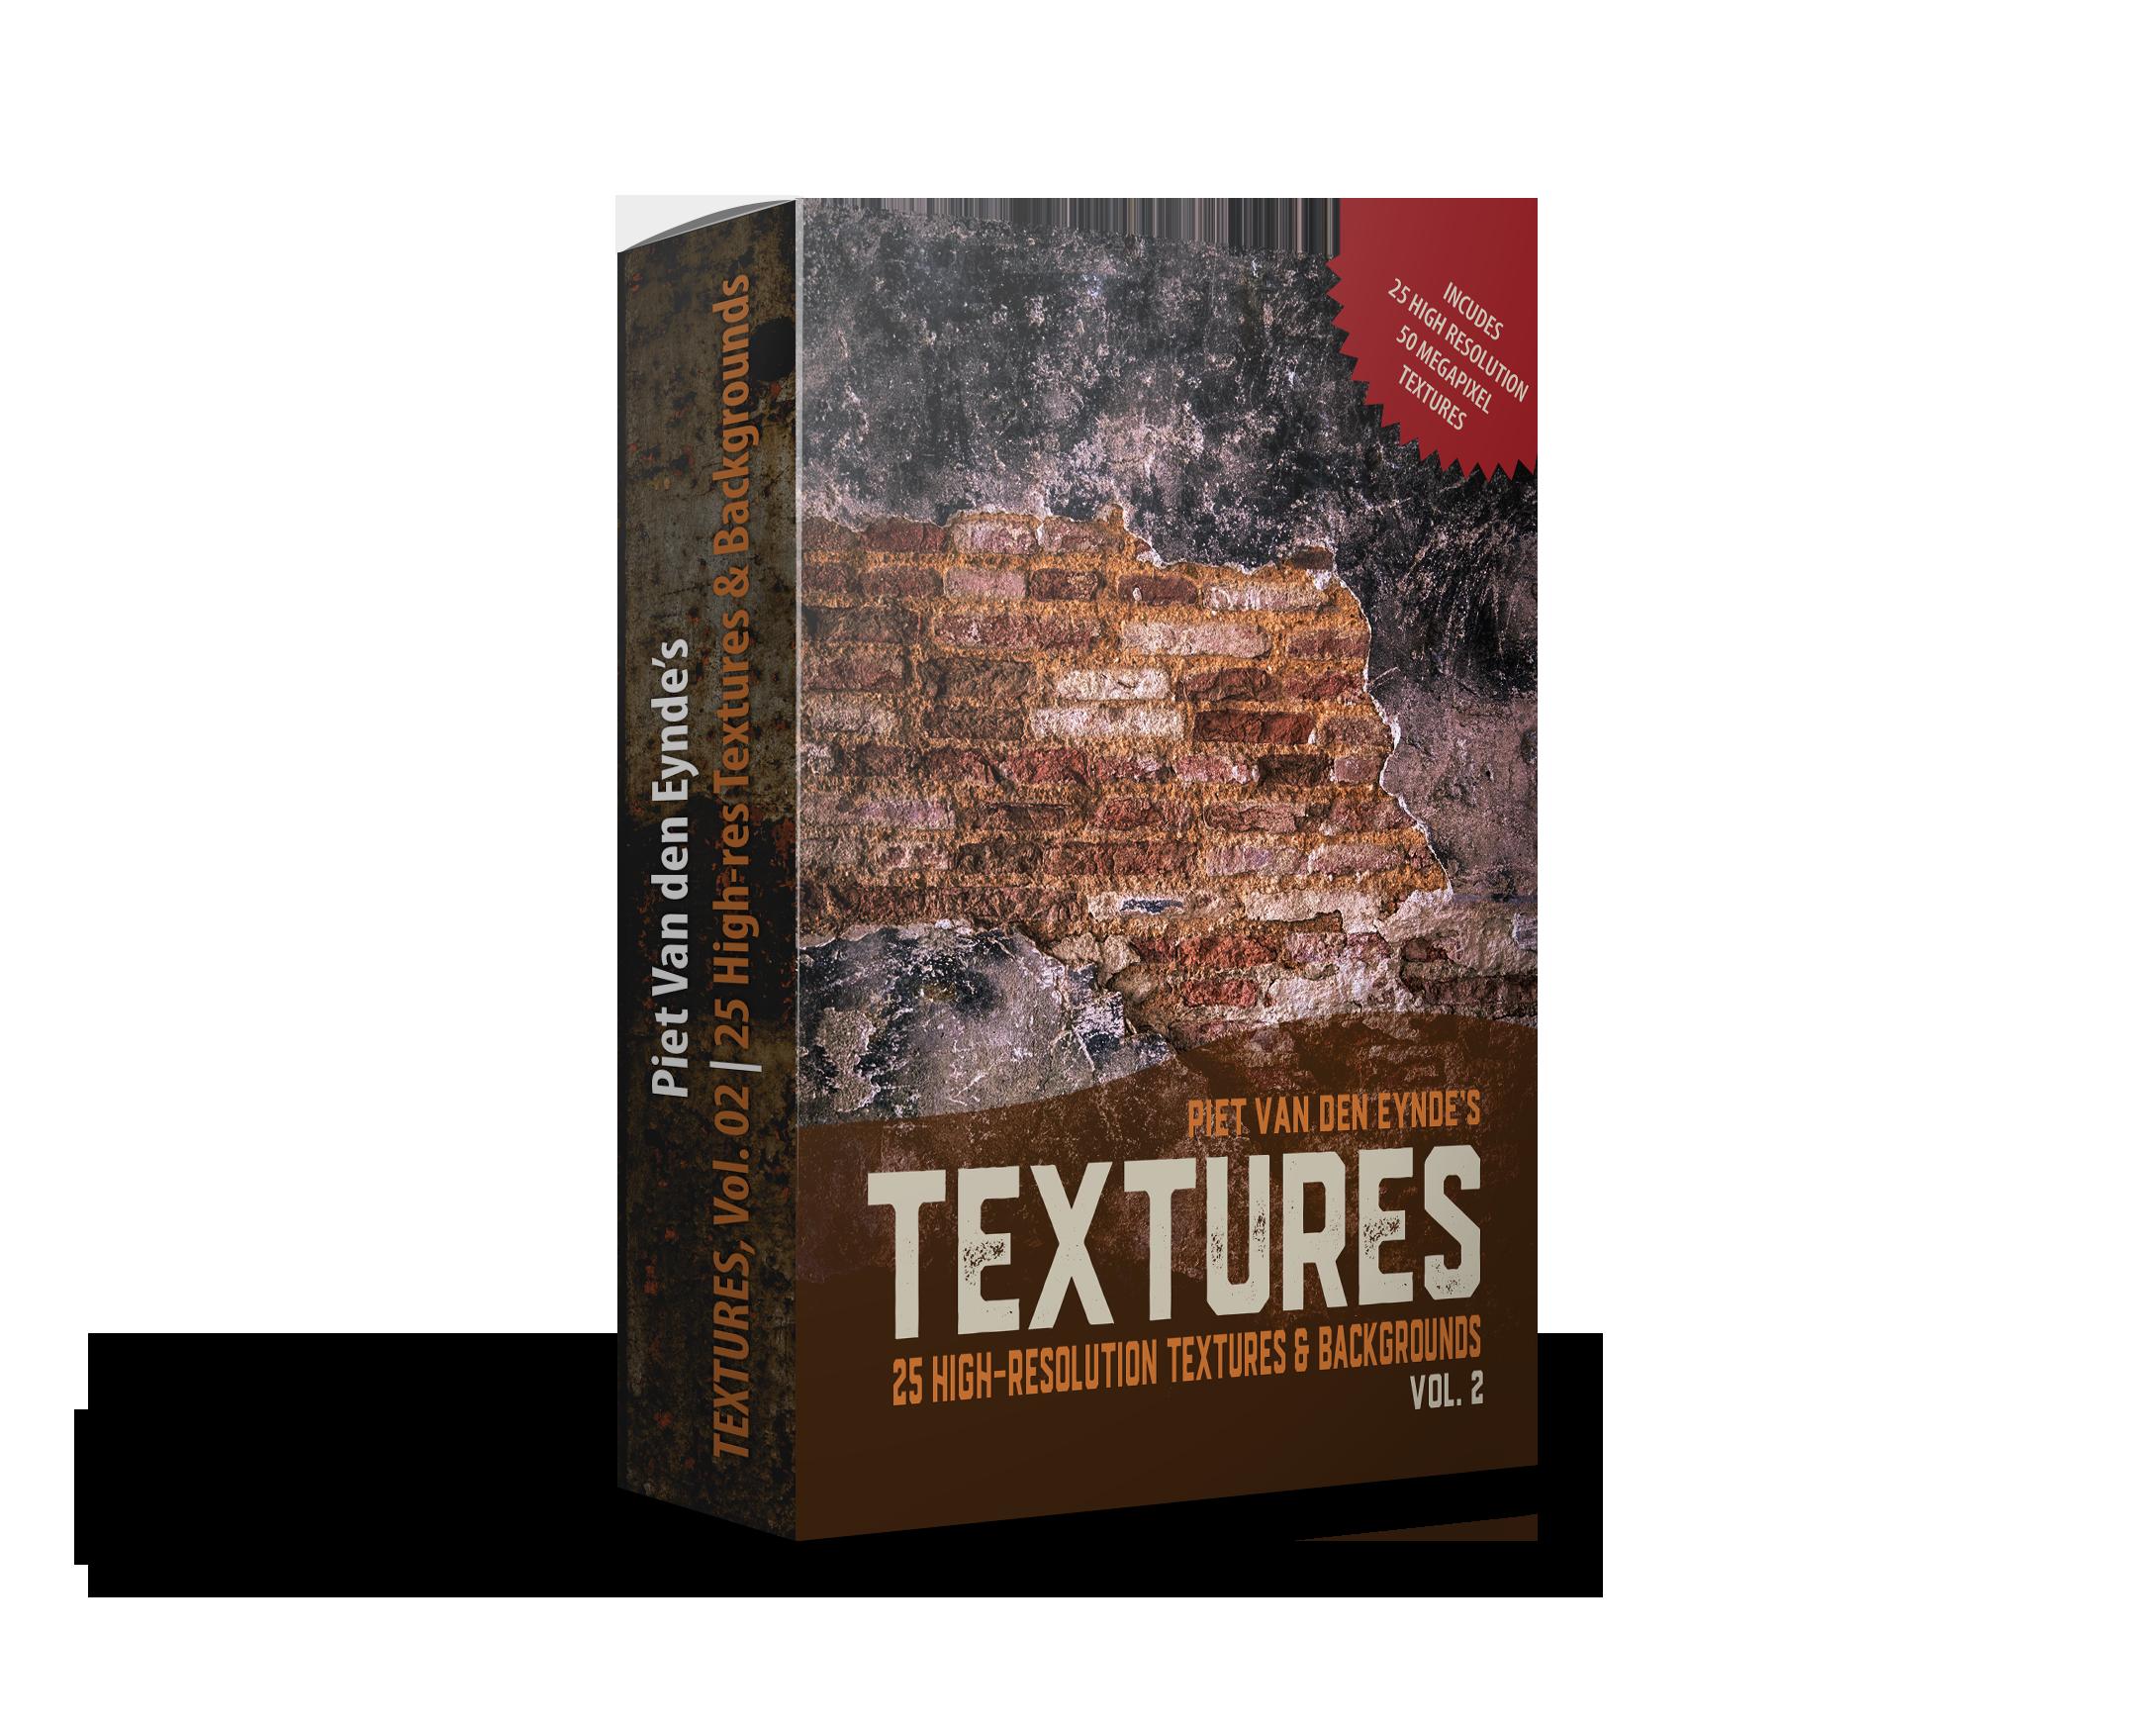 GRATIS: Piet's Textures, Vol. 02 - ✔︎ NIEUW Texture Pack✔︎ 25 hoge resolutie texturen en achtergronden✔︎ GRATIS bij aanschaf van de tutorial 'Tussen Licht & Lightroom vóór 31 mei 2019 (normale verkoopprijs: € 24.95)